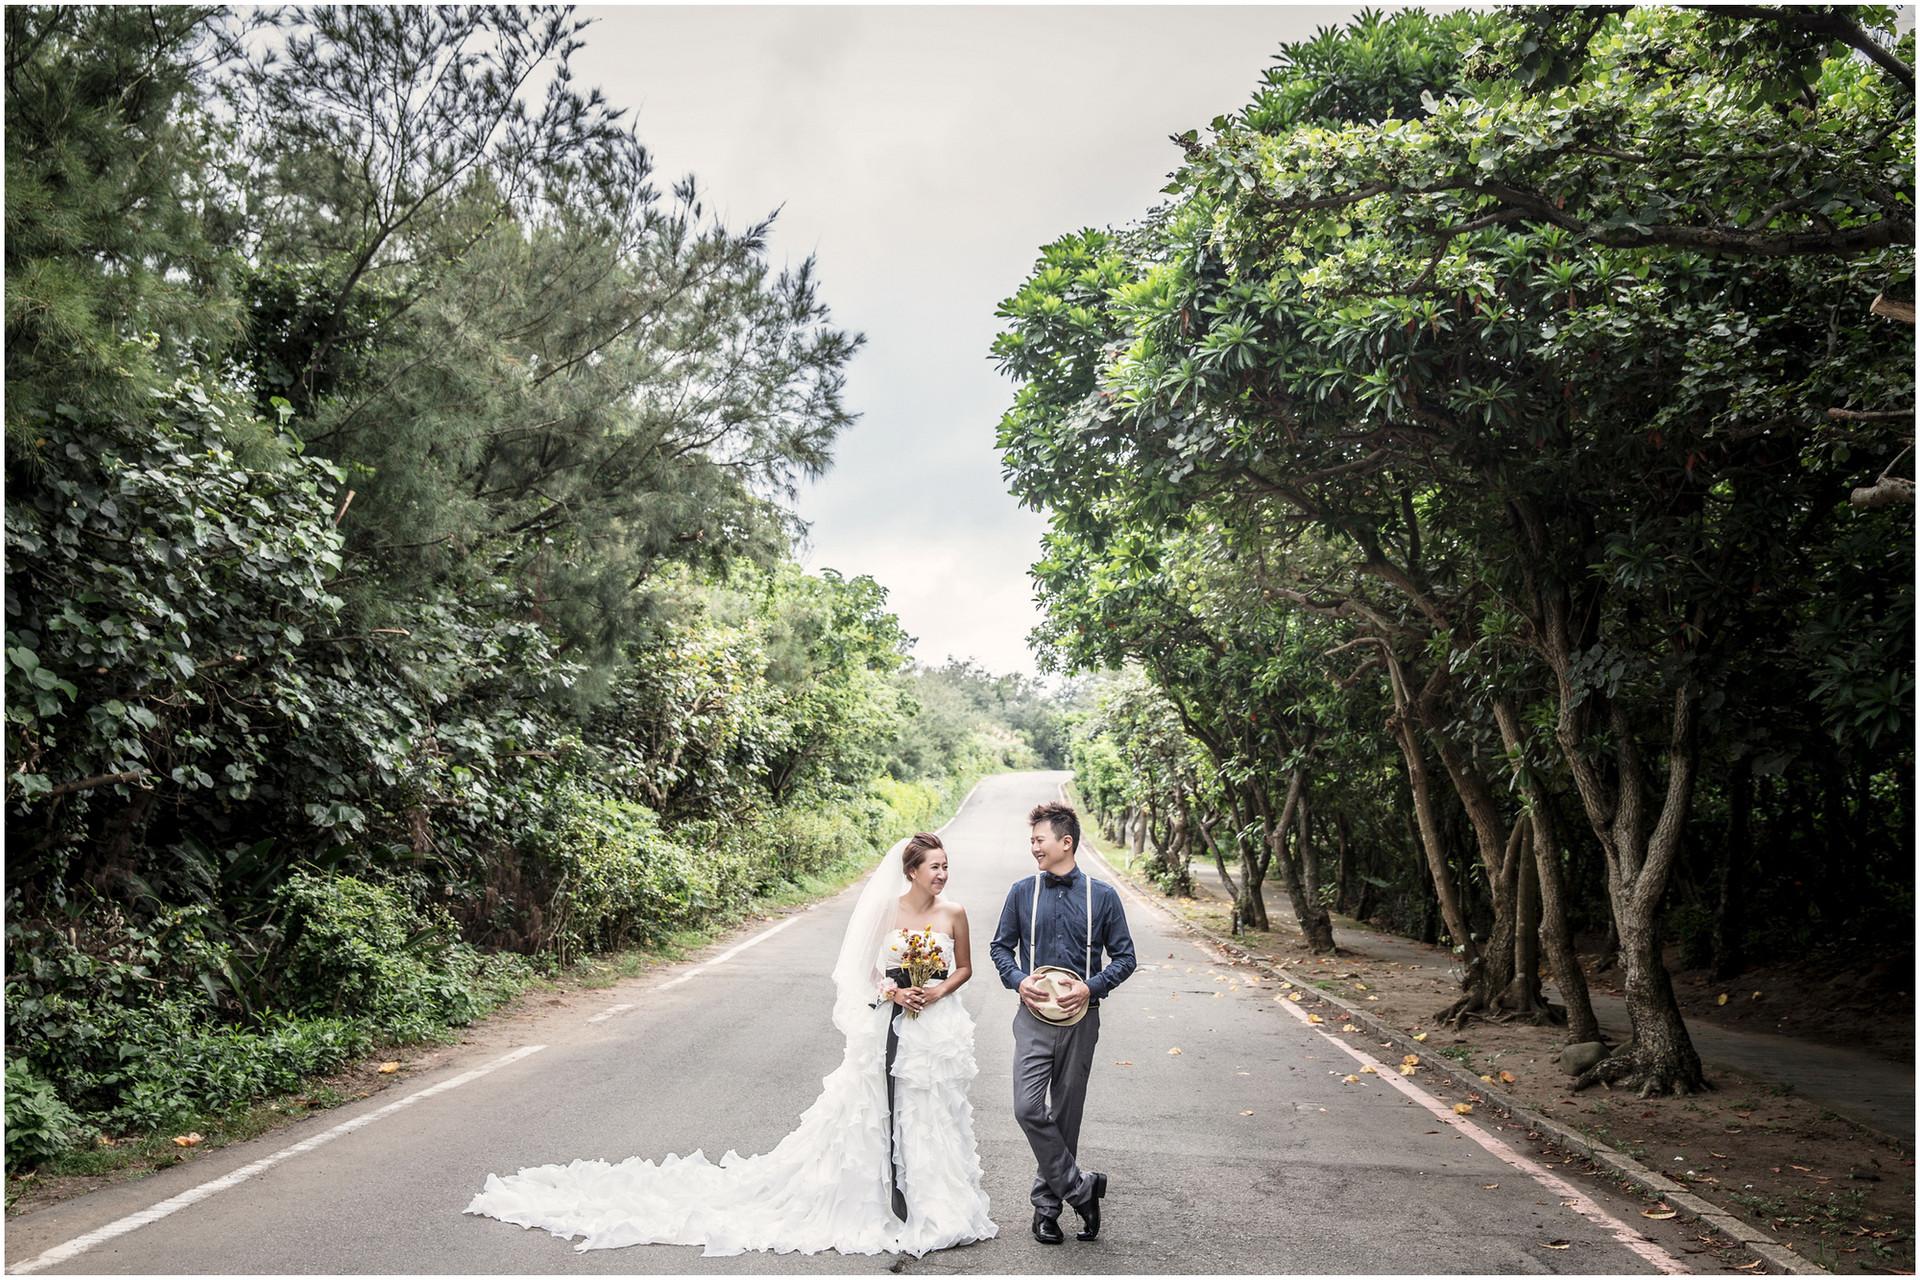 寵物婚紗 / 蘆洲河堤公園 / 自然系婚紗 / 素人婚紗